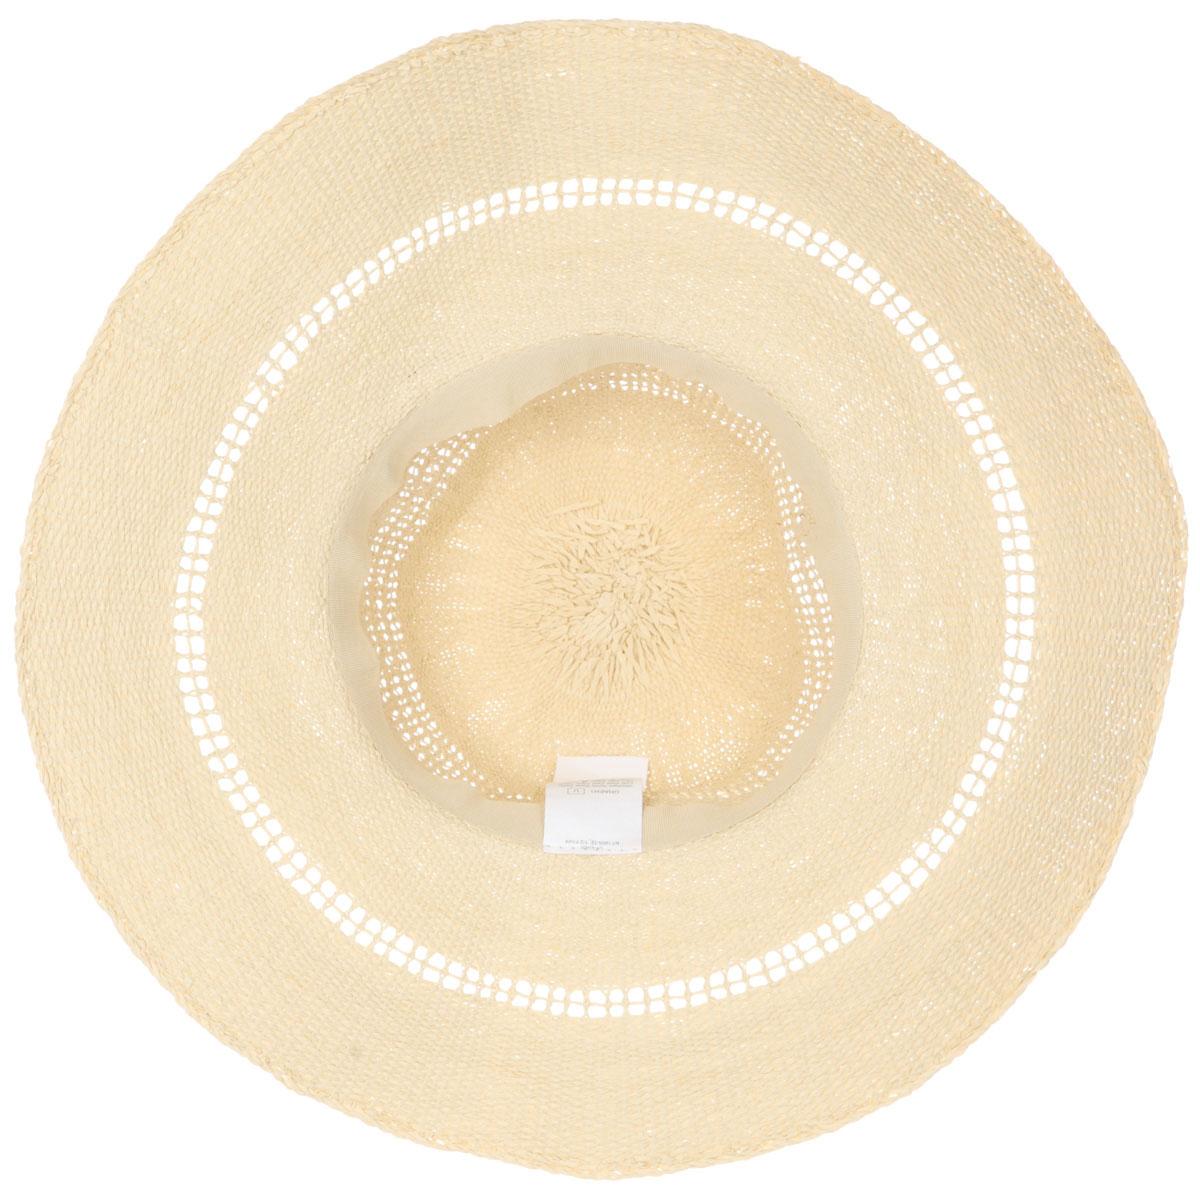 Купить шляпу женскую Rip Curl Ritual Boho Light Natural в интернет ... f0f80179bd4